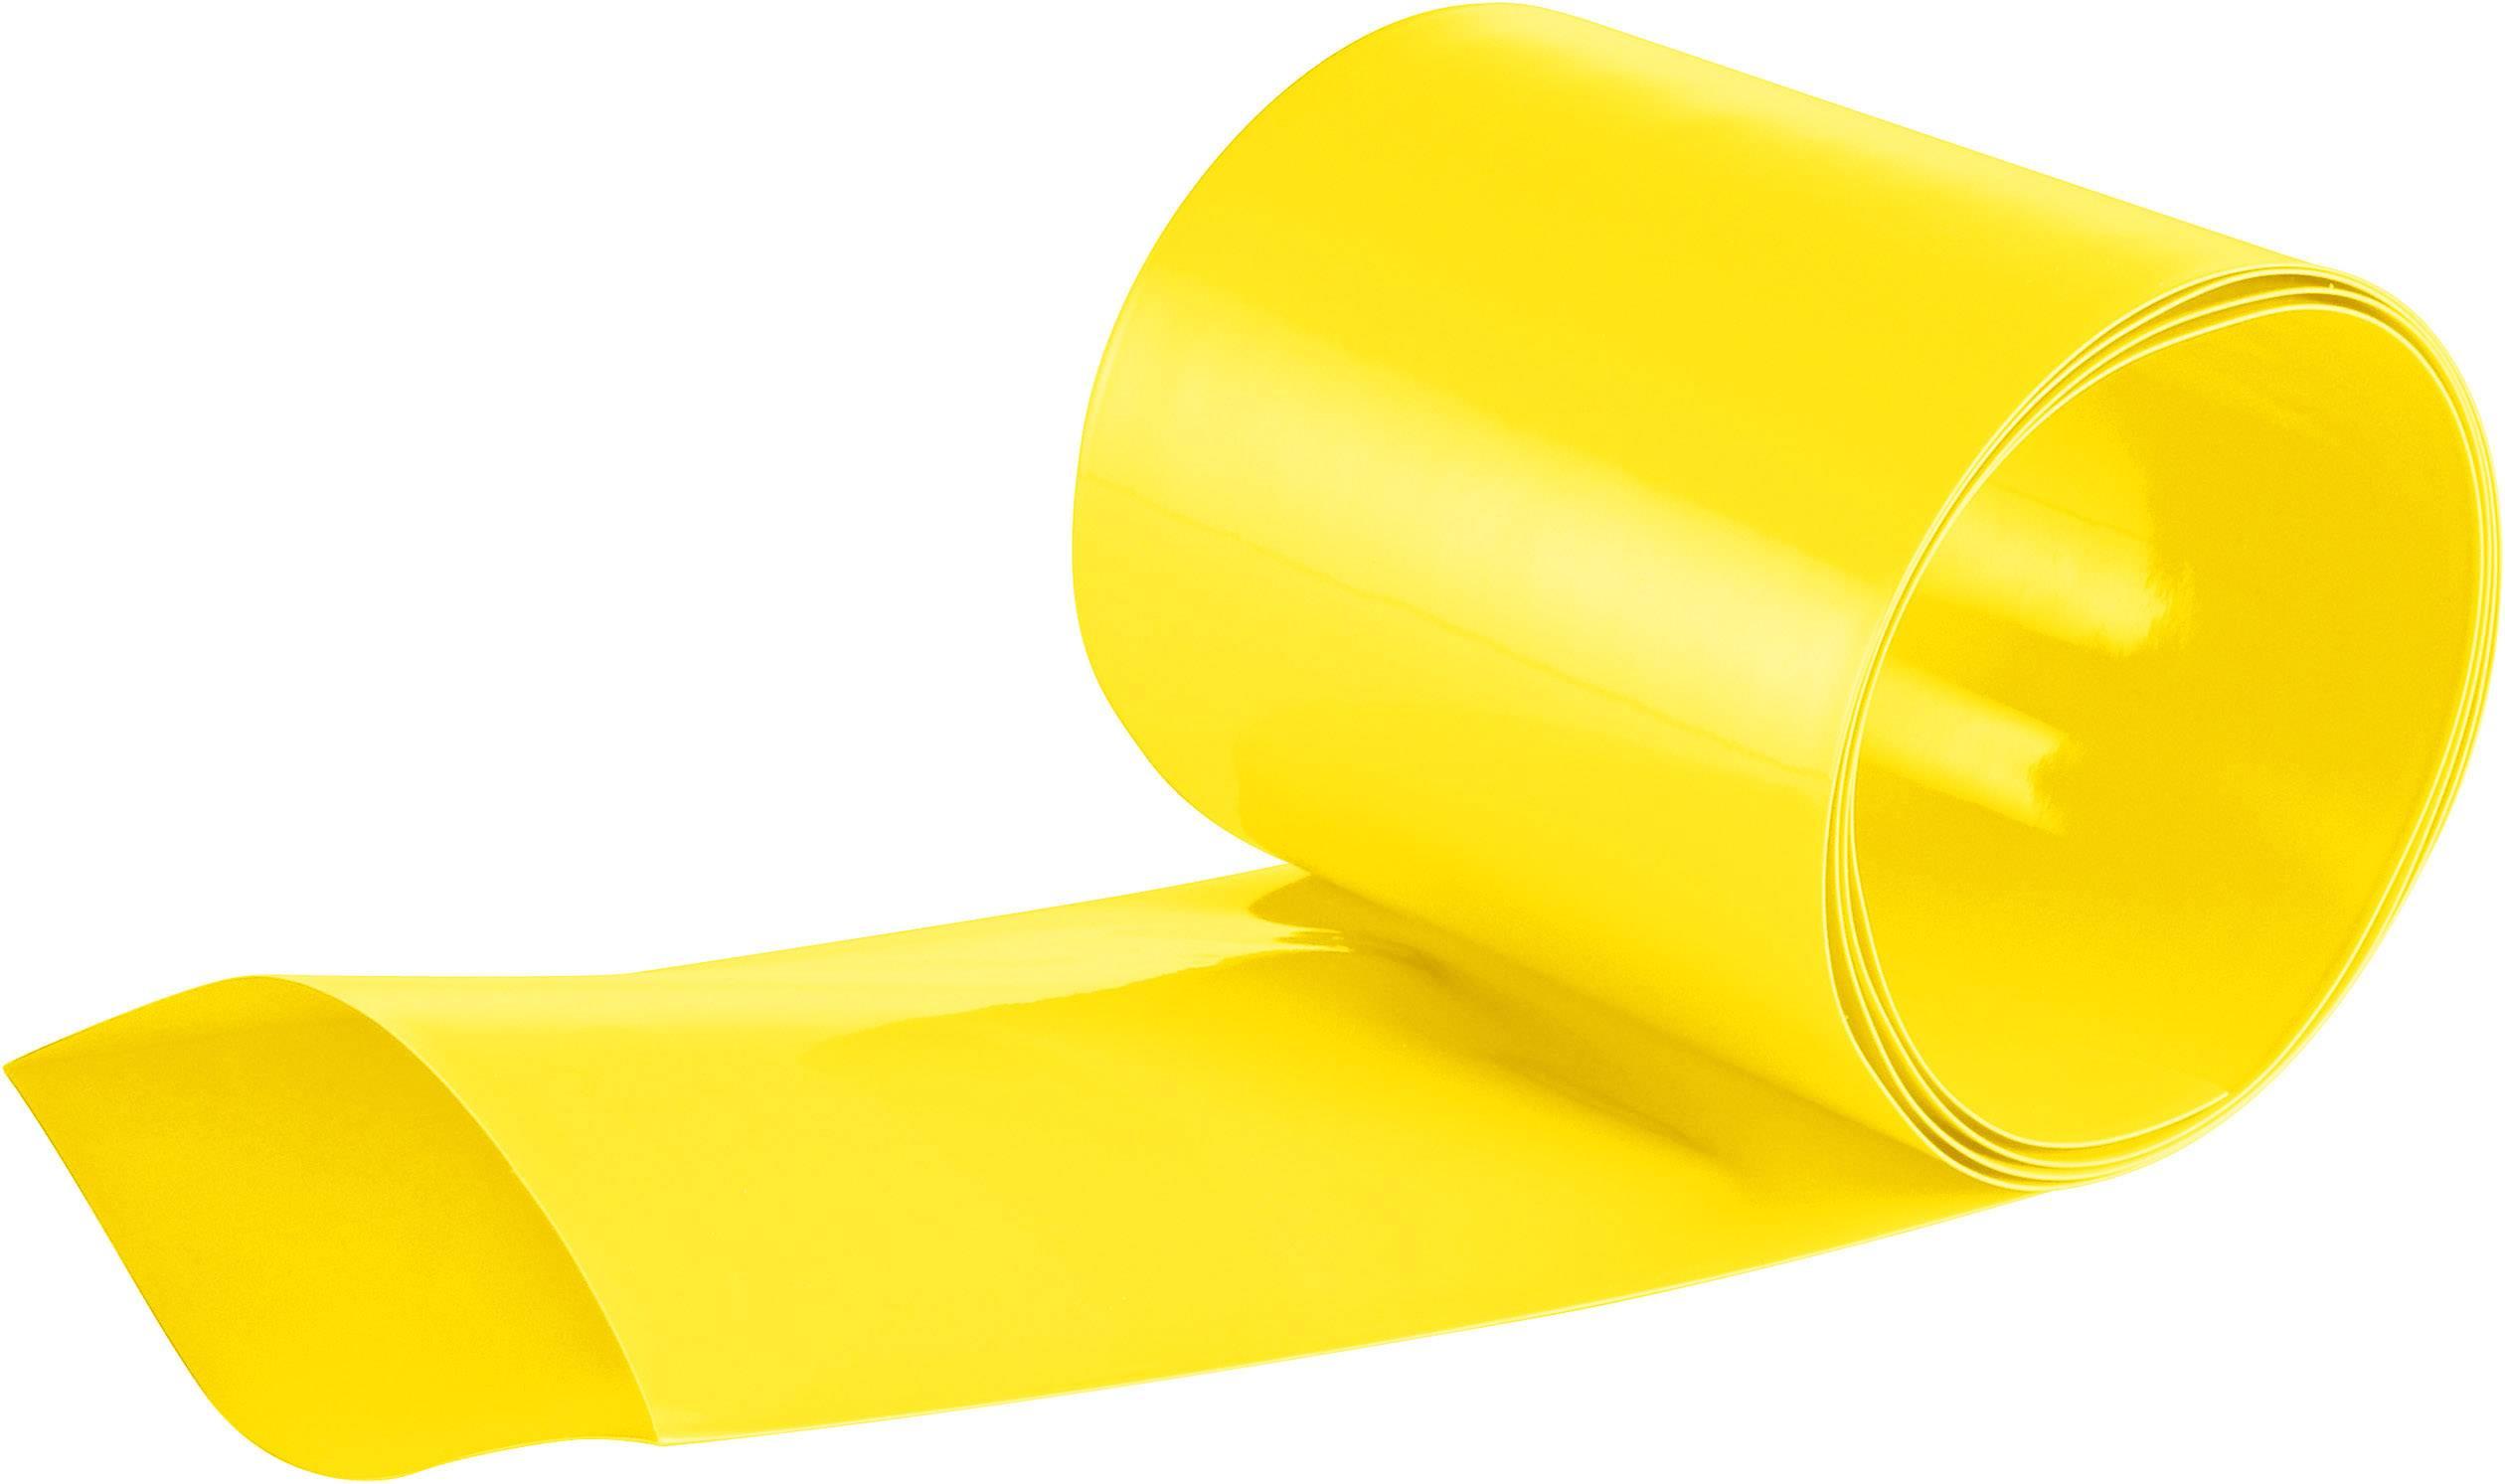 Zmršťovacia bužírka na akumulátory, bez lepidla DSG Canusa 1612508100, 2:1, 80 mm, žltá, metrový tovar